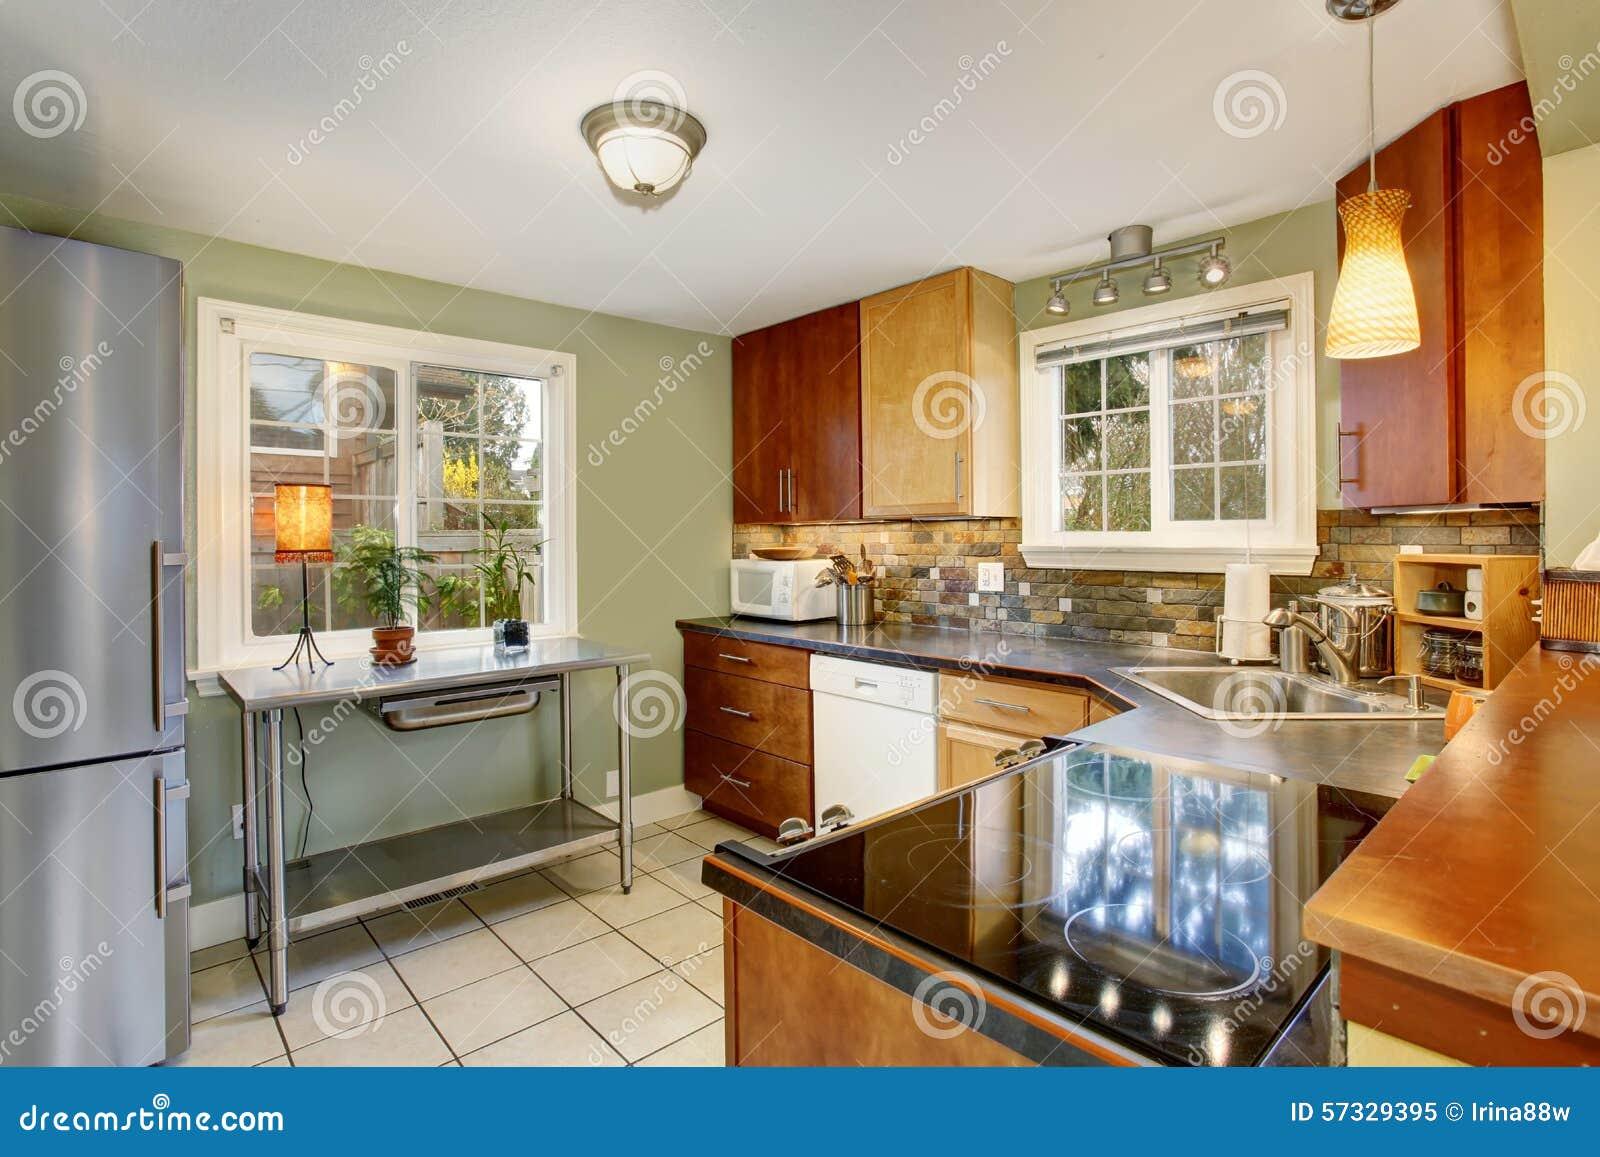 Witte keuken groene muur - Gekleurde muren keuken met witte meubels ...